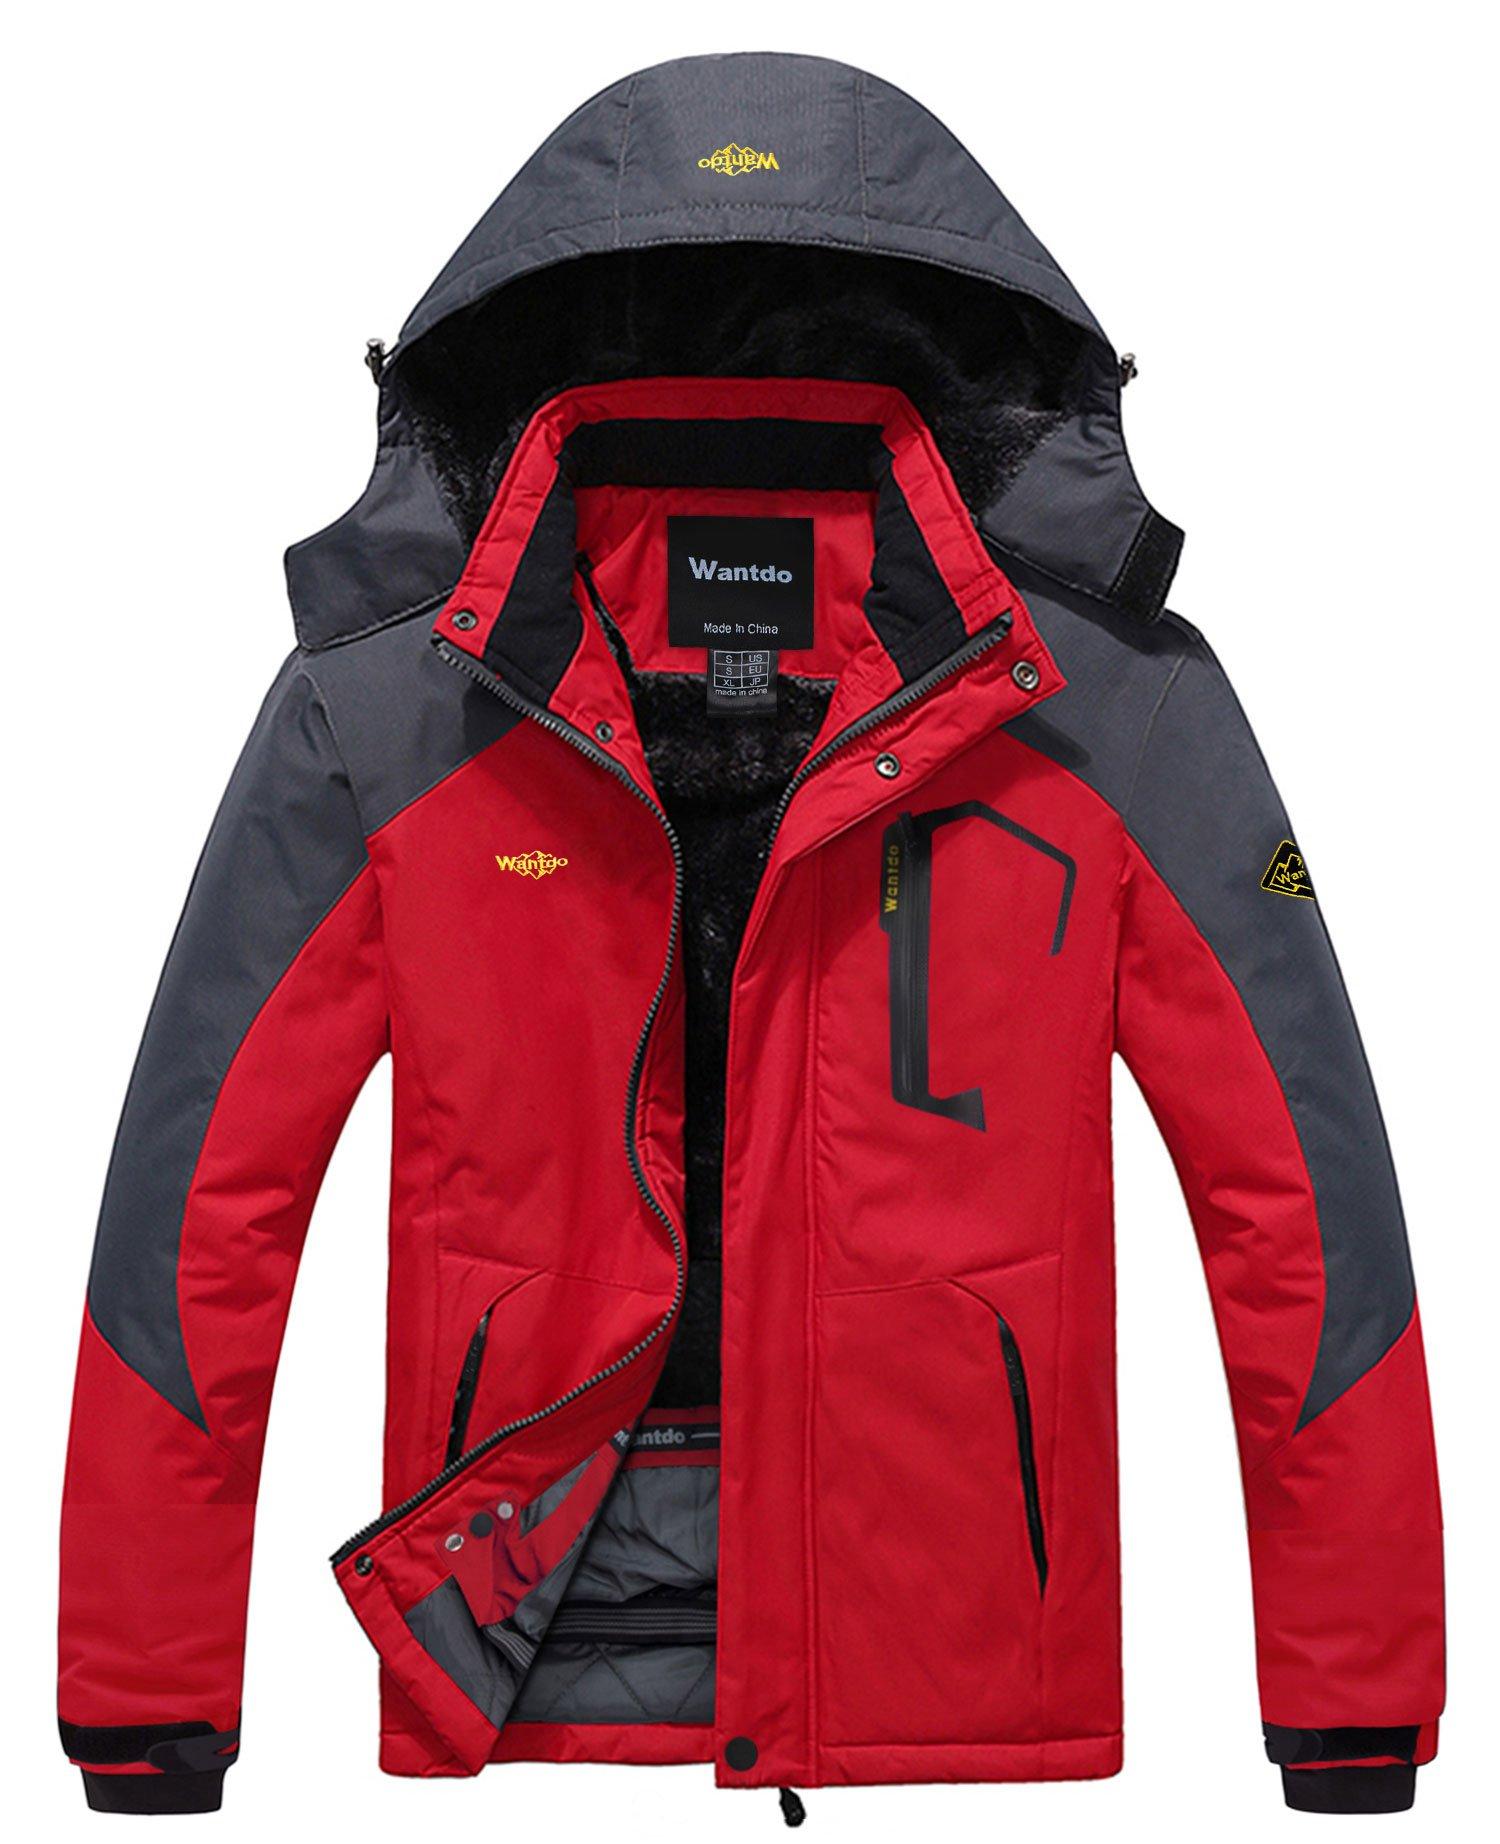 Wantdo Men's Waterproof Mountain Jacket Fleece Windproof Ski Jacket US M  Red M by Wantdo